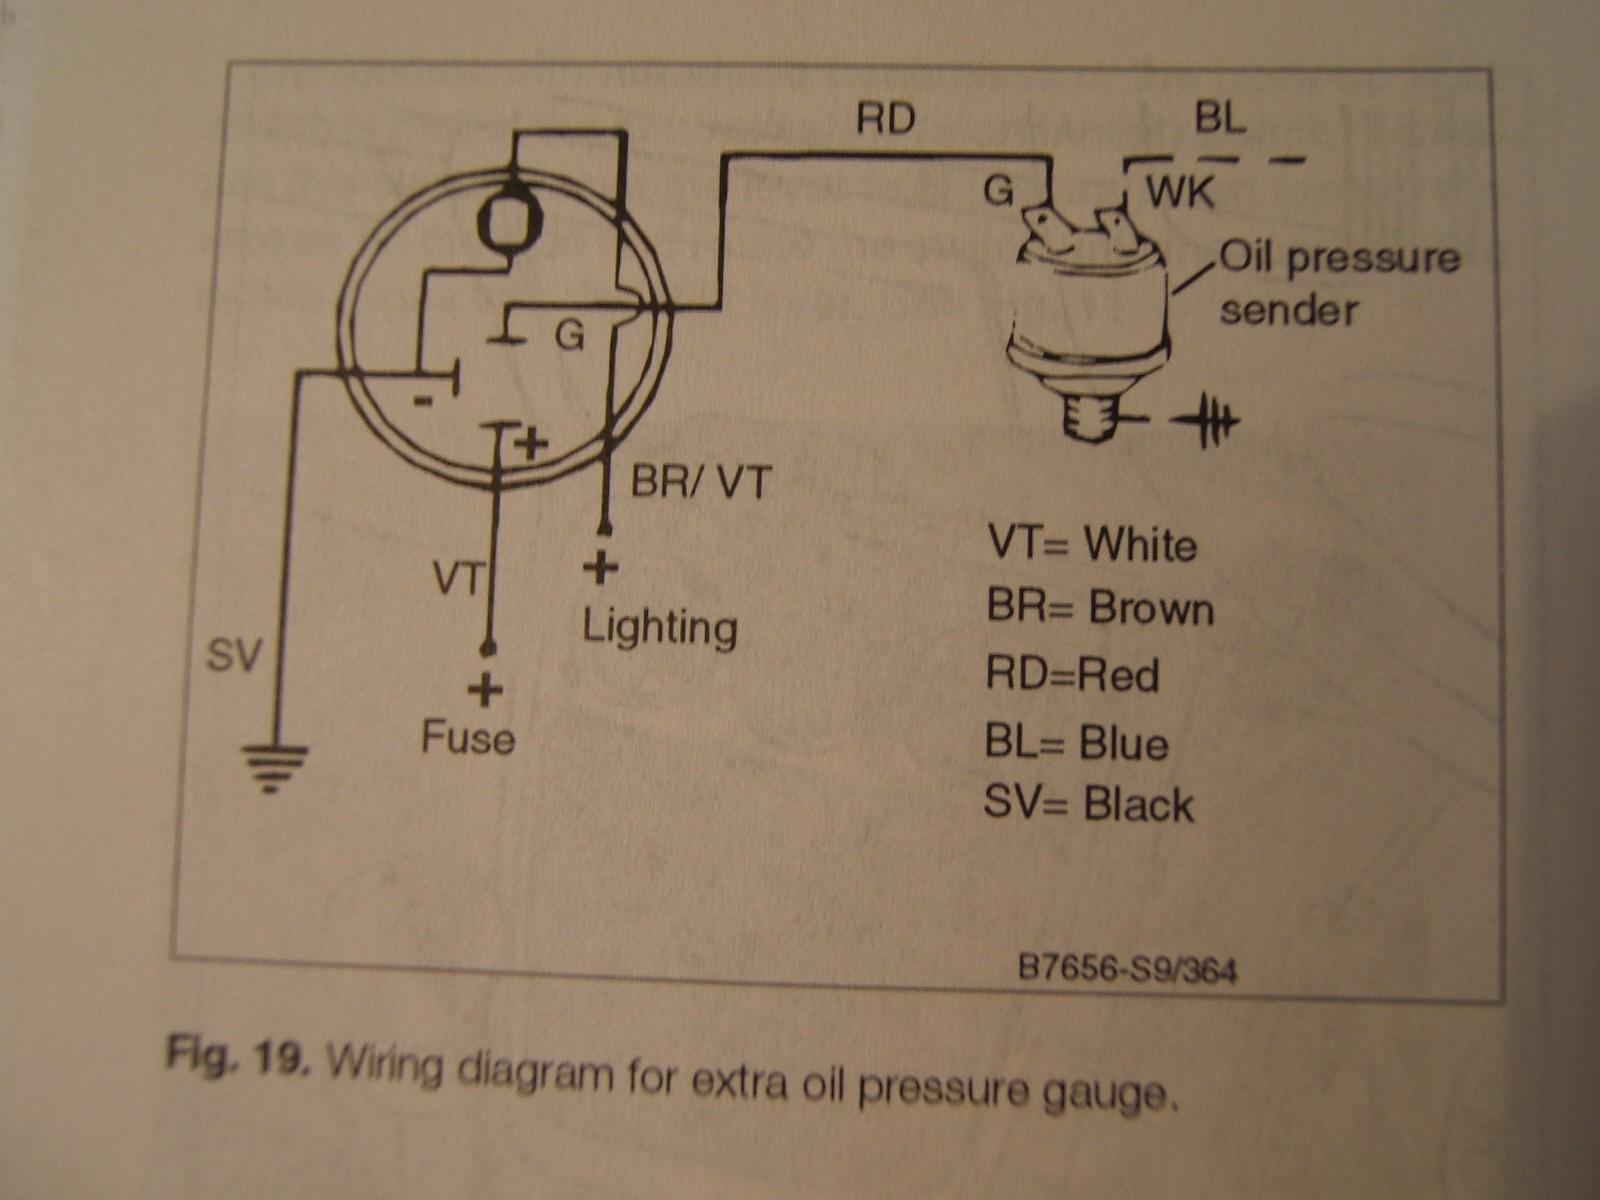 Vdo Oil Pressure Gauge Wiring Fe 4727] Prosport Oil Pressure Gauge Wiring Diagram Prosport Of Vdo Oil Pressure Gauge Wiring